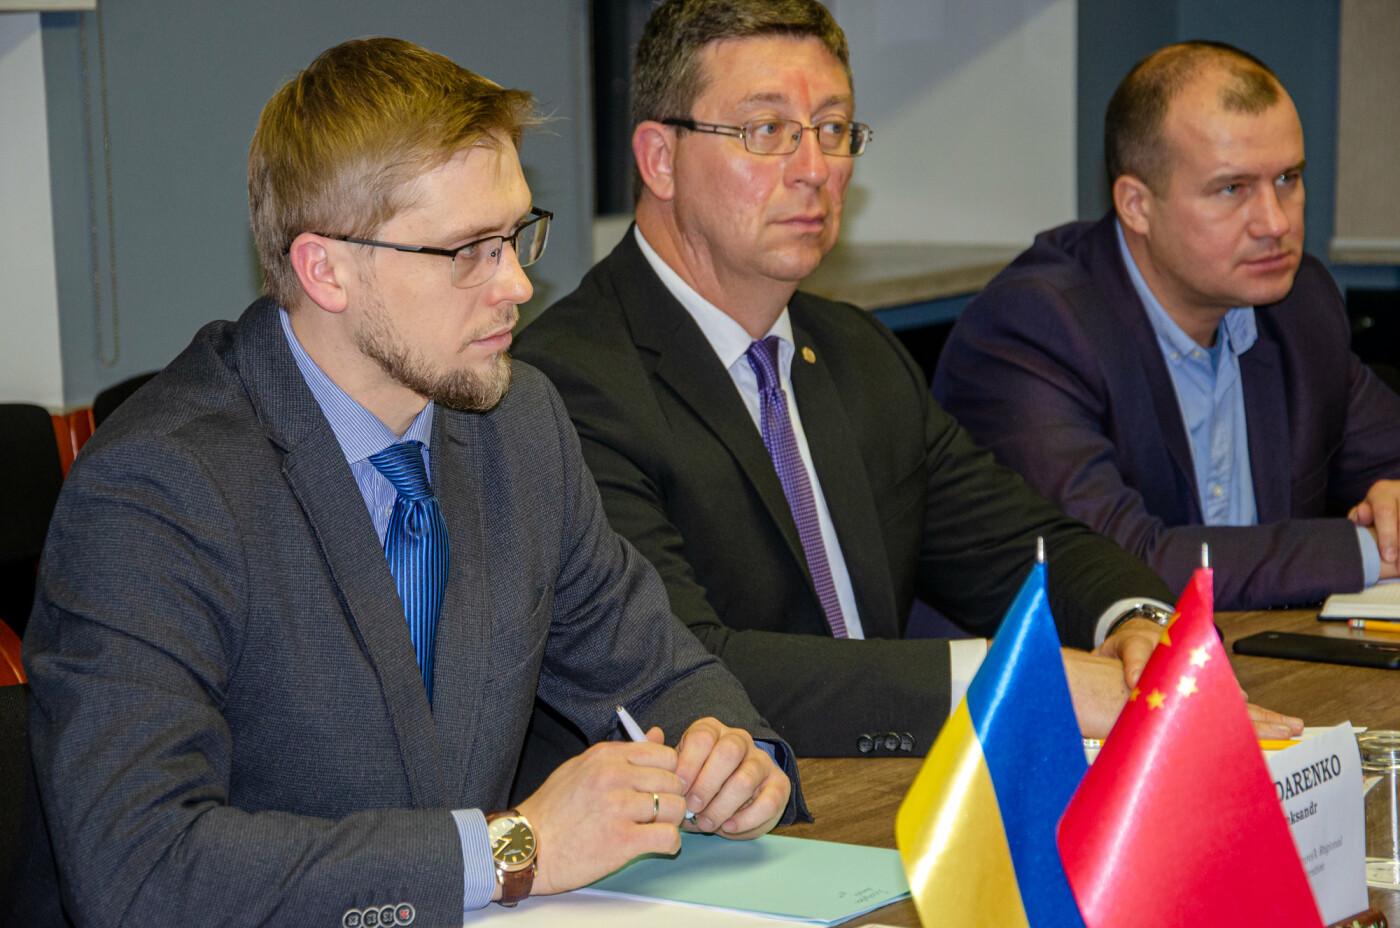 Китай может инвестировать деньги в строительство дорог в Днепропетровской области, - ФОТО, фото-3